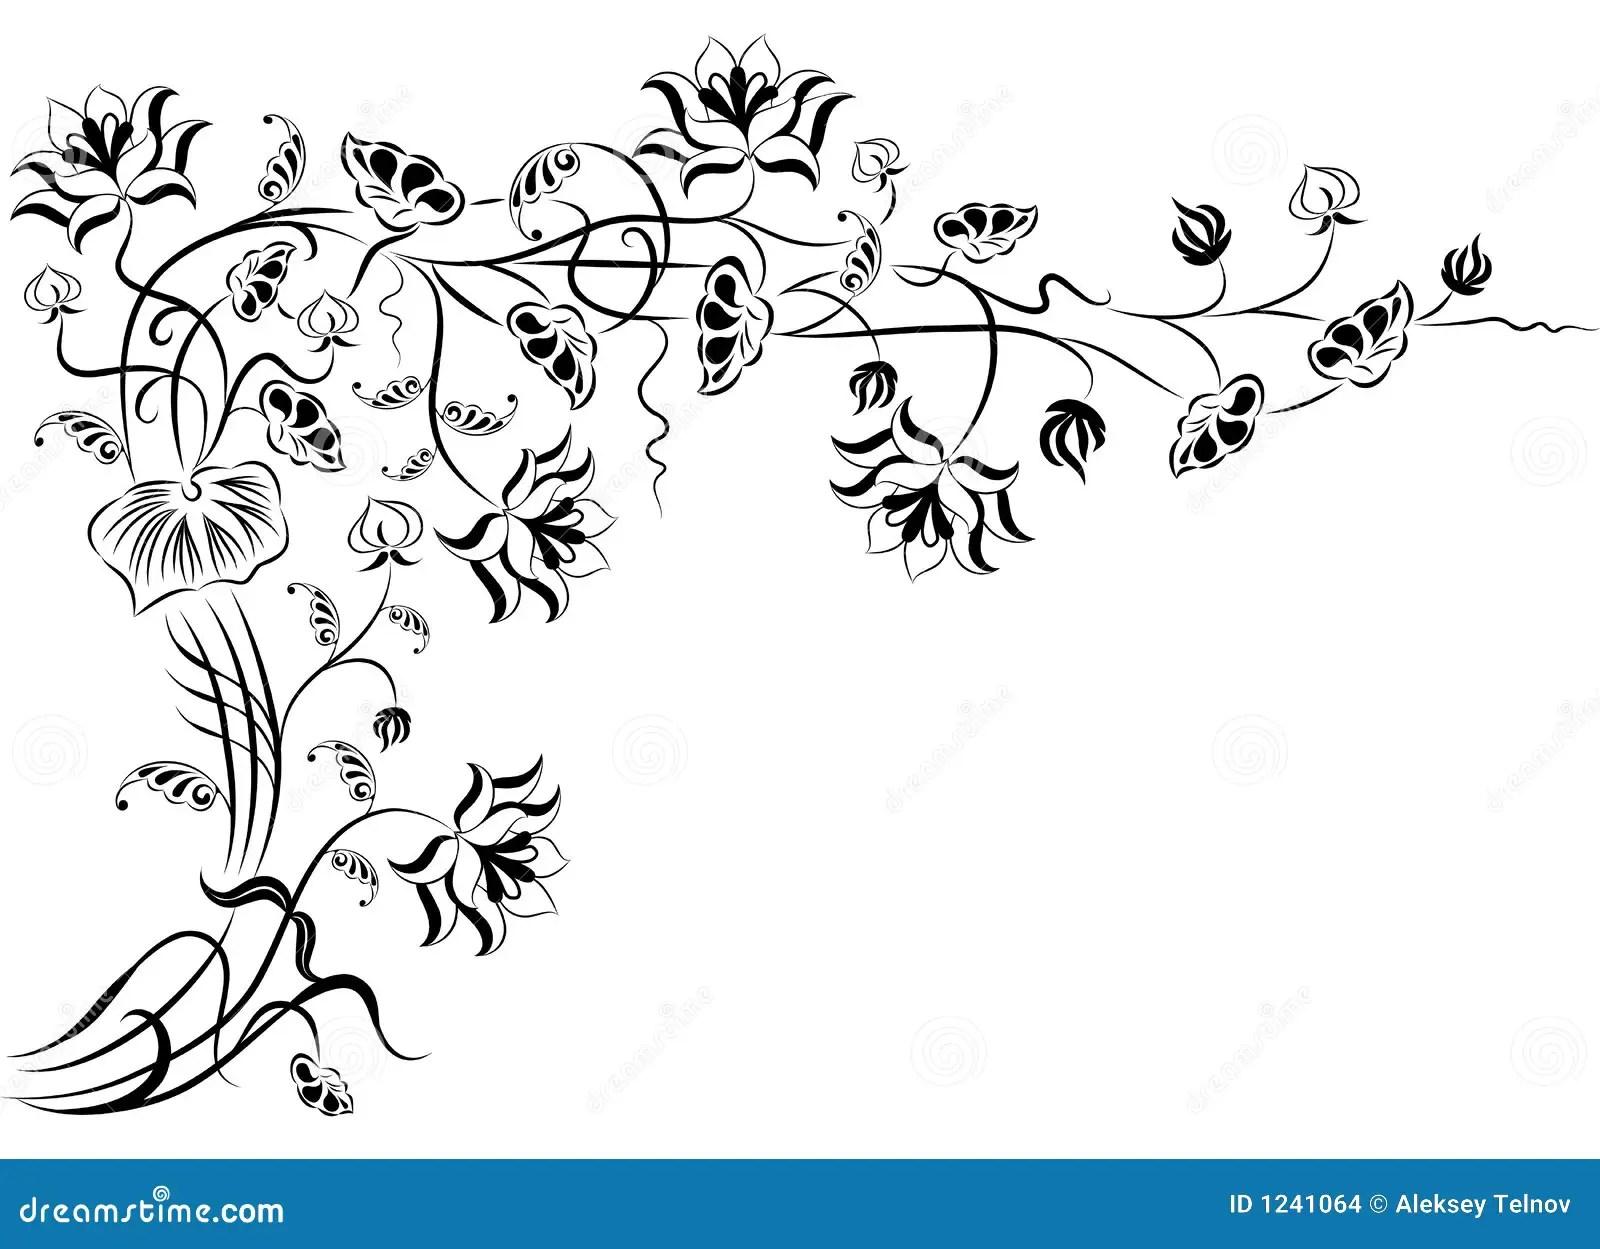 Elemento Per Il Disegno Fiore D Angolo Vettore